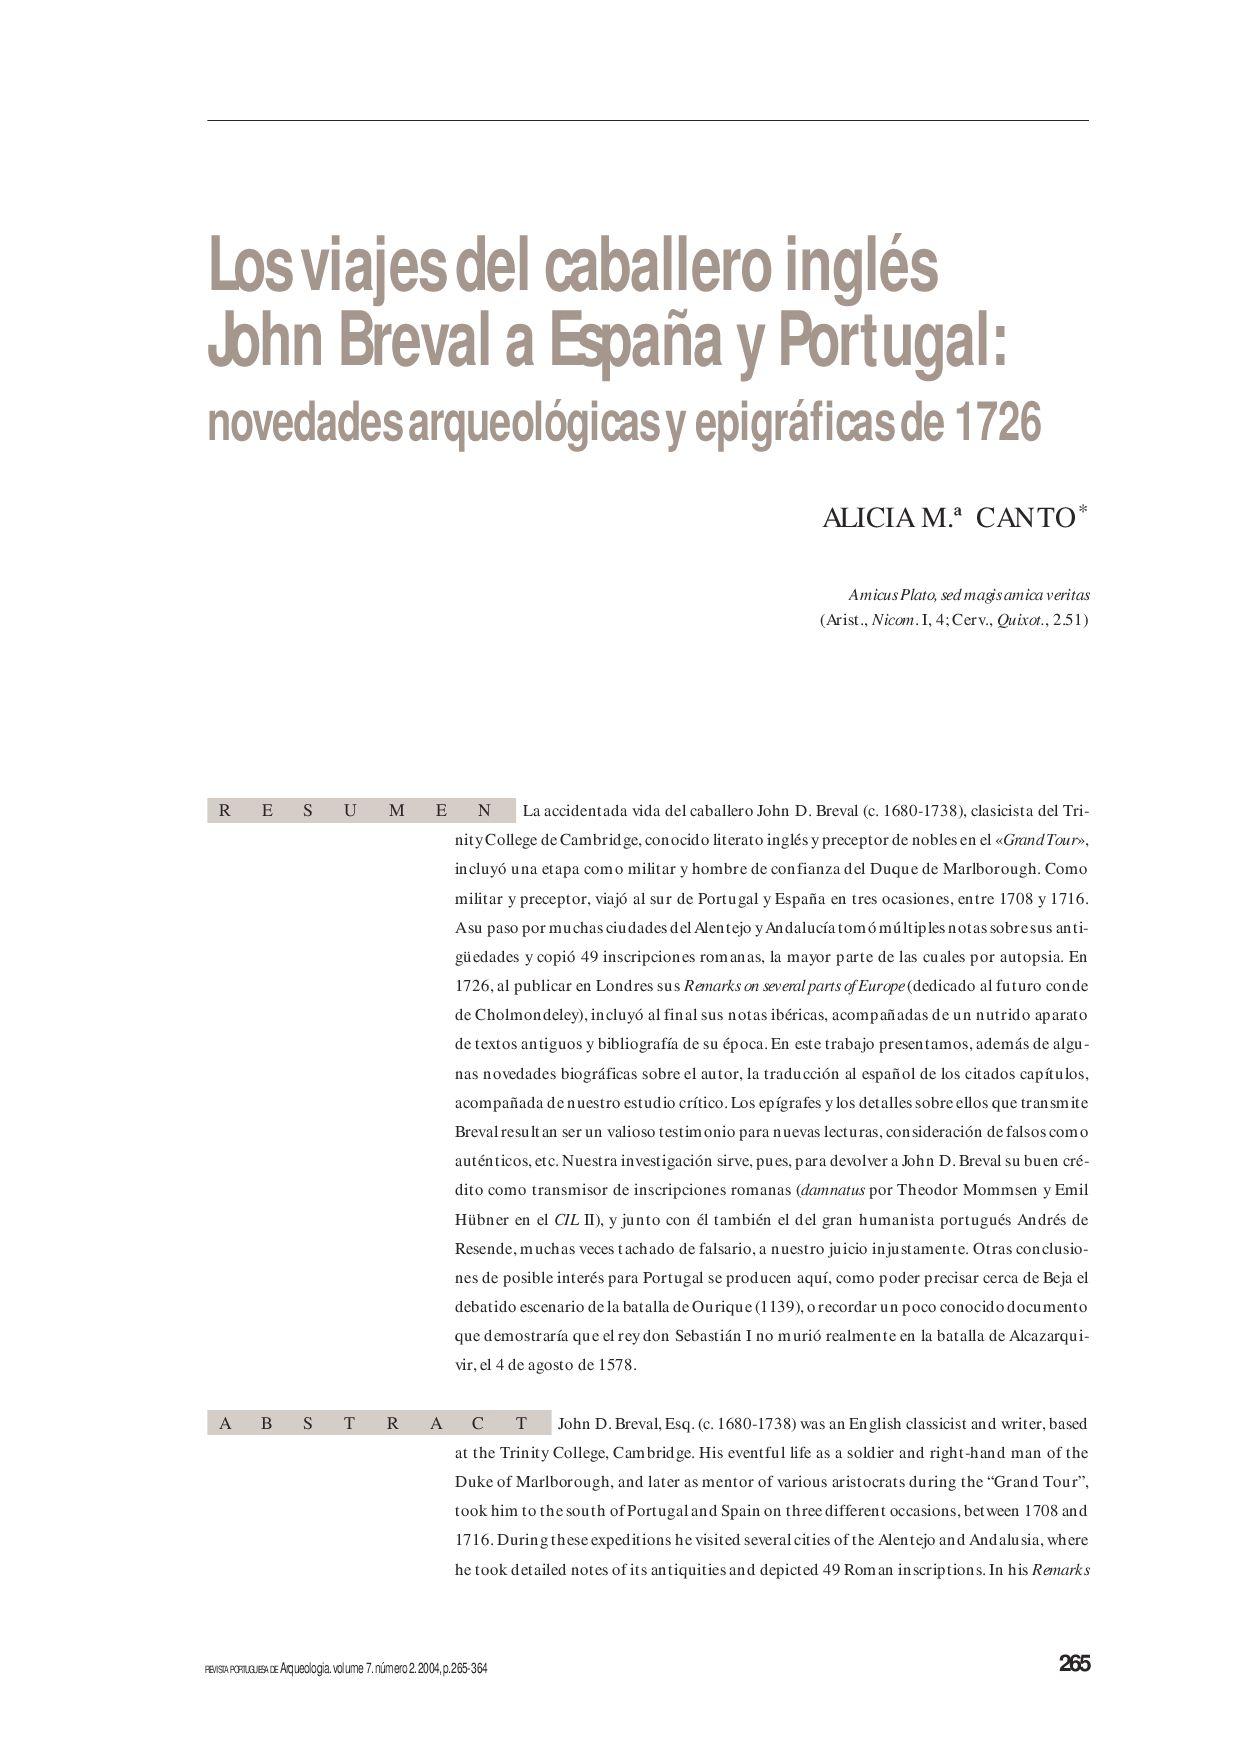 Los viajes del caballero inglés John Breval a España y Portugal by ...